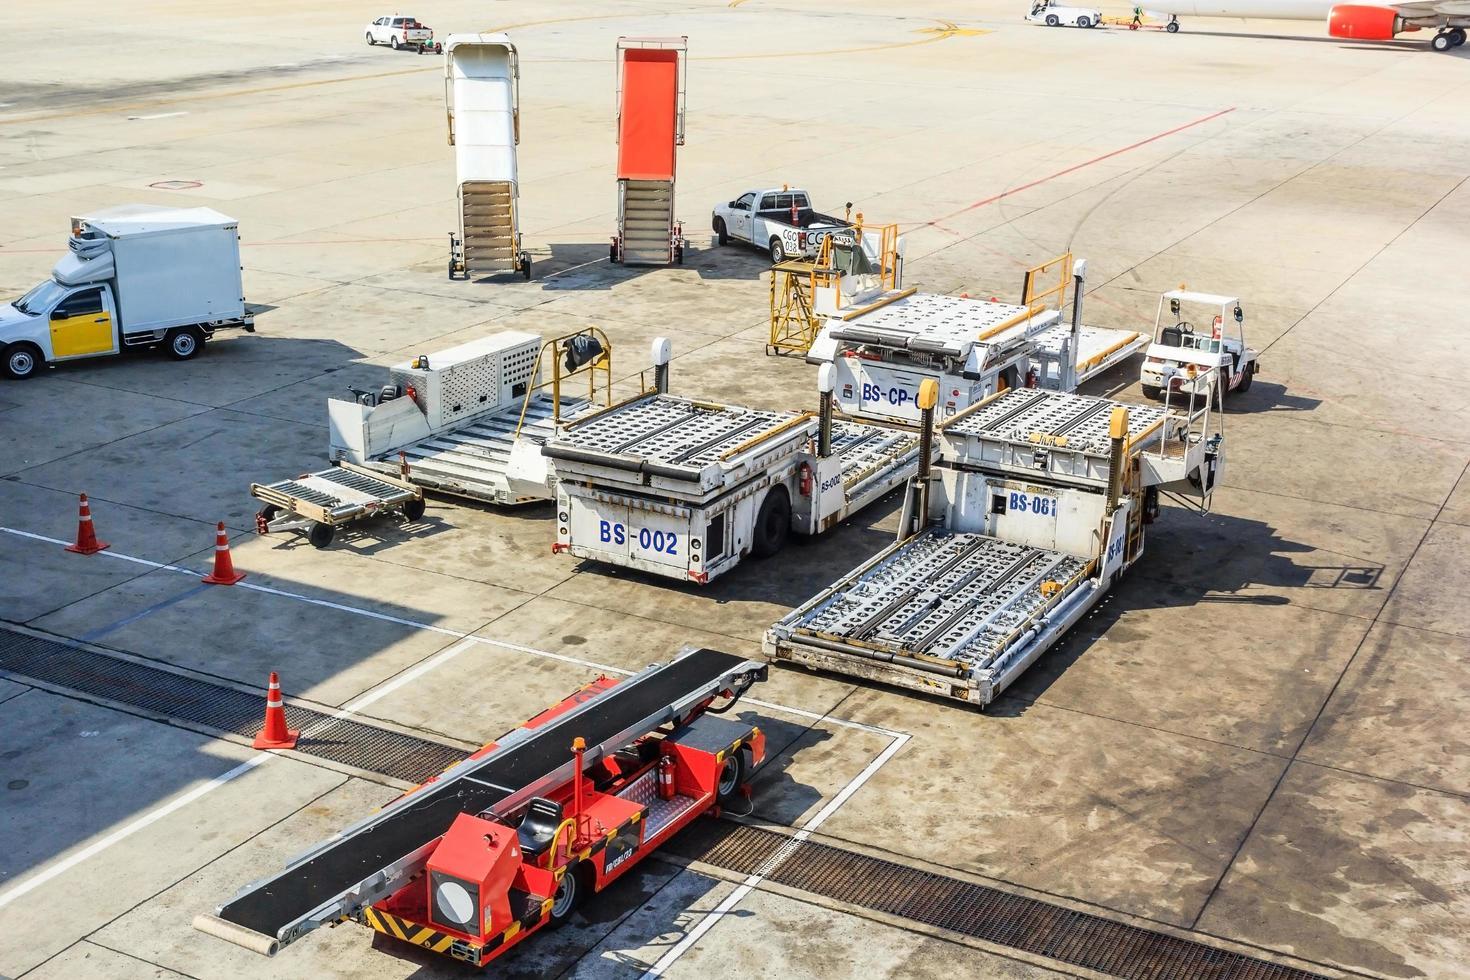 flygplan bogseringsbil och stege nära flygplan på landningsbanan i flygplatsen foto